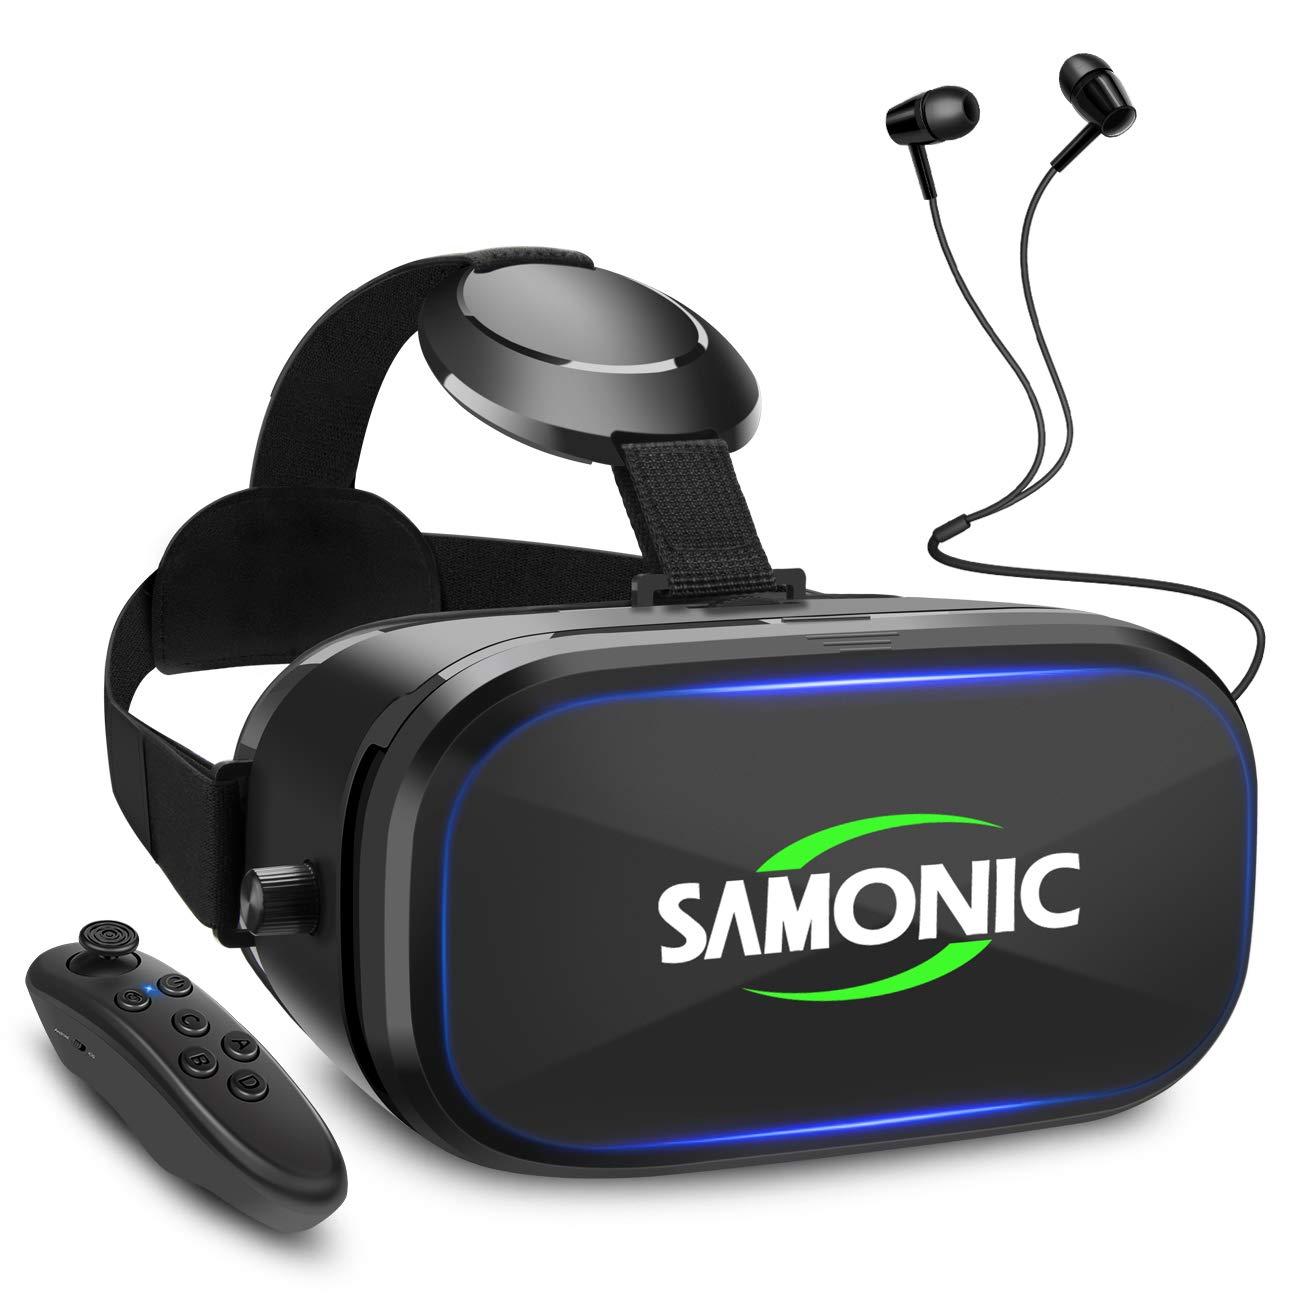 SAMONIC 3D VRゴーグル 「イヤホン、Bluetoothコントローラ、日本語説明書付属」 (ブラック) product image